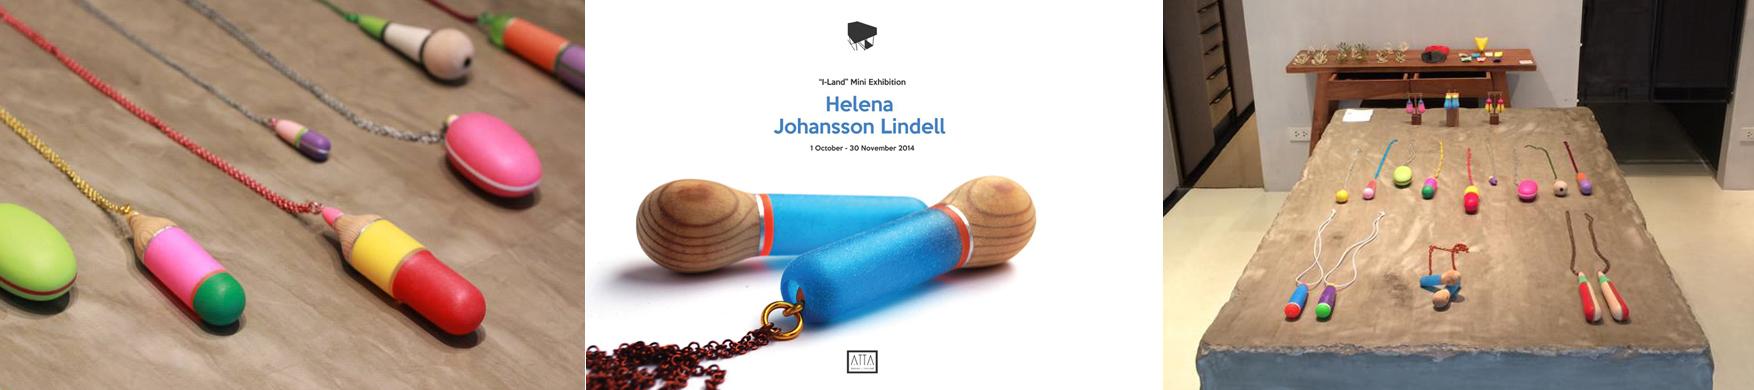 Photo: Atty Tantivit & Helena Johansson Lindell